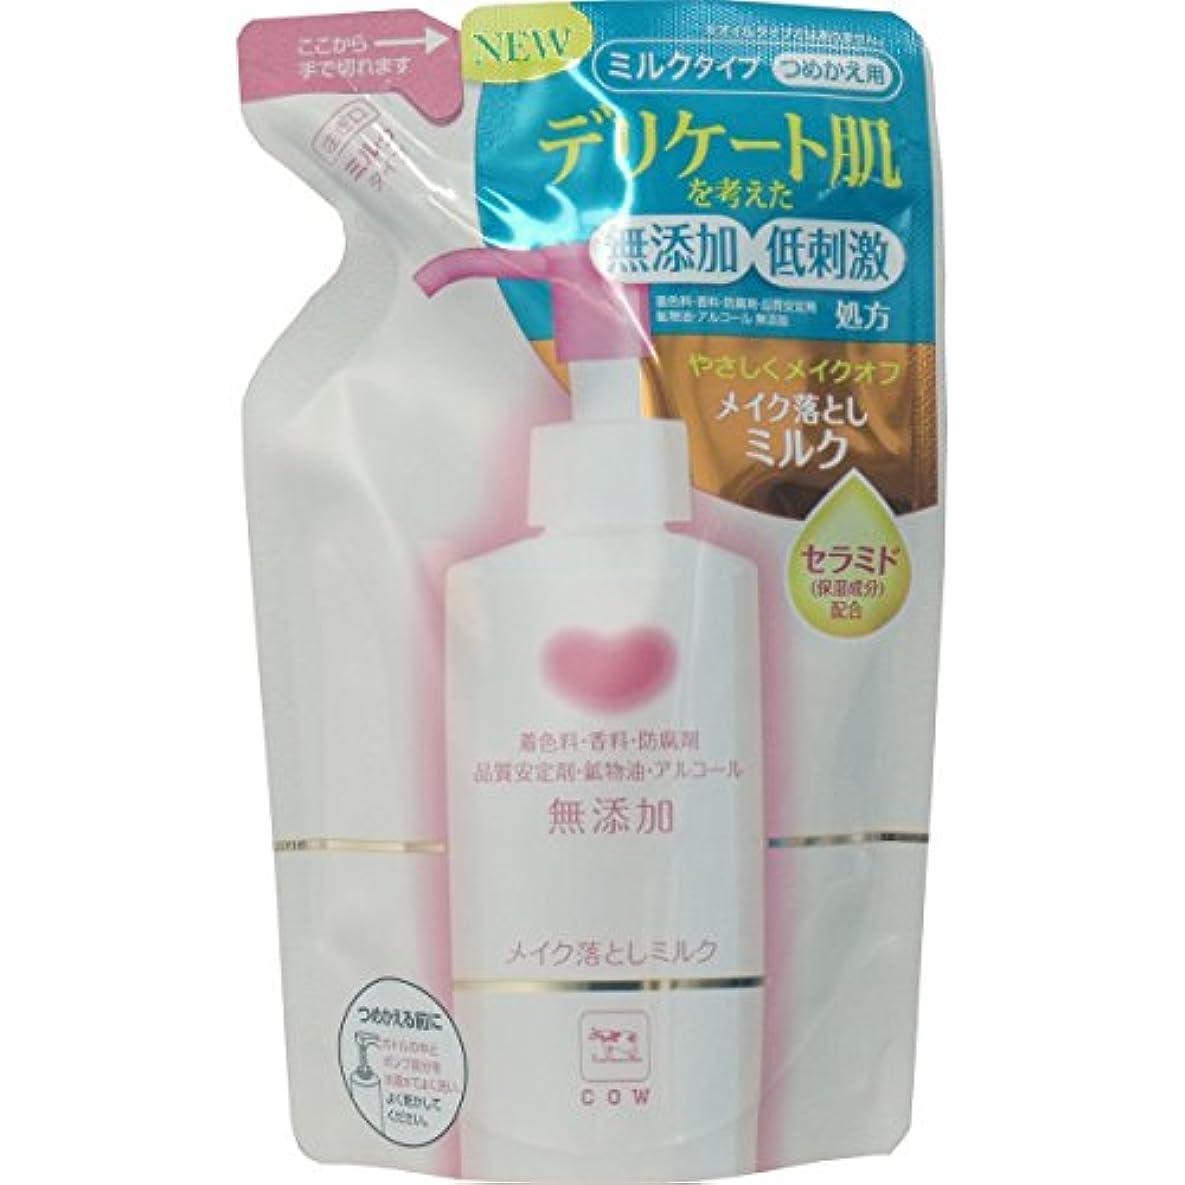 ペイン中絶水素【牛乳石鹸共進社】カウ無添加 メイク落としミルク つめかえ用 130ml ×3個セット